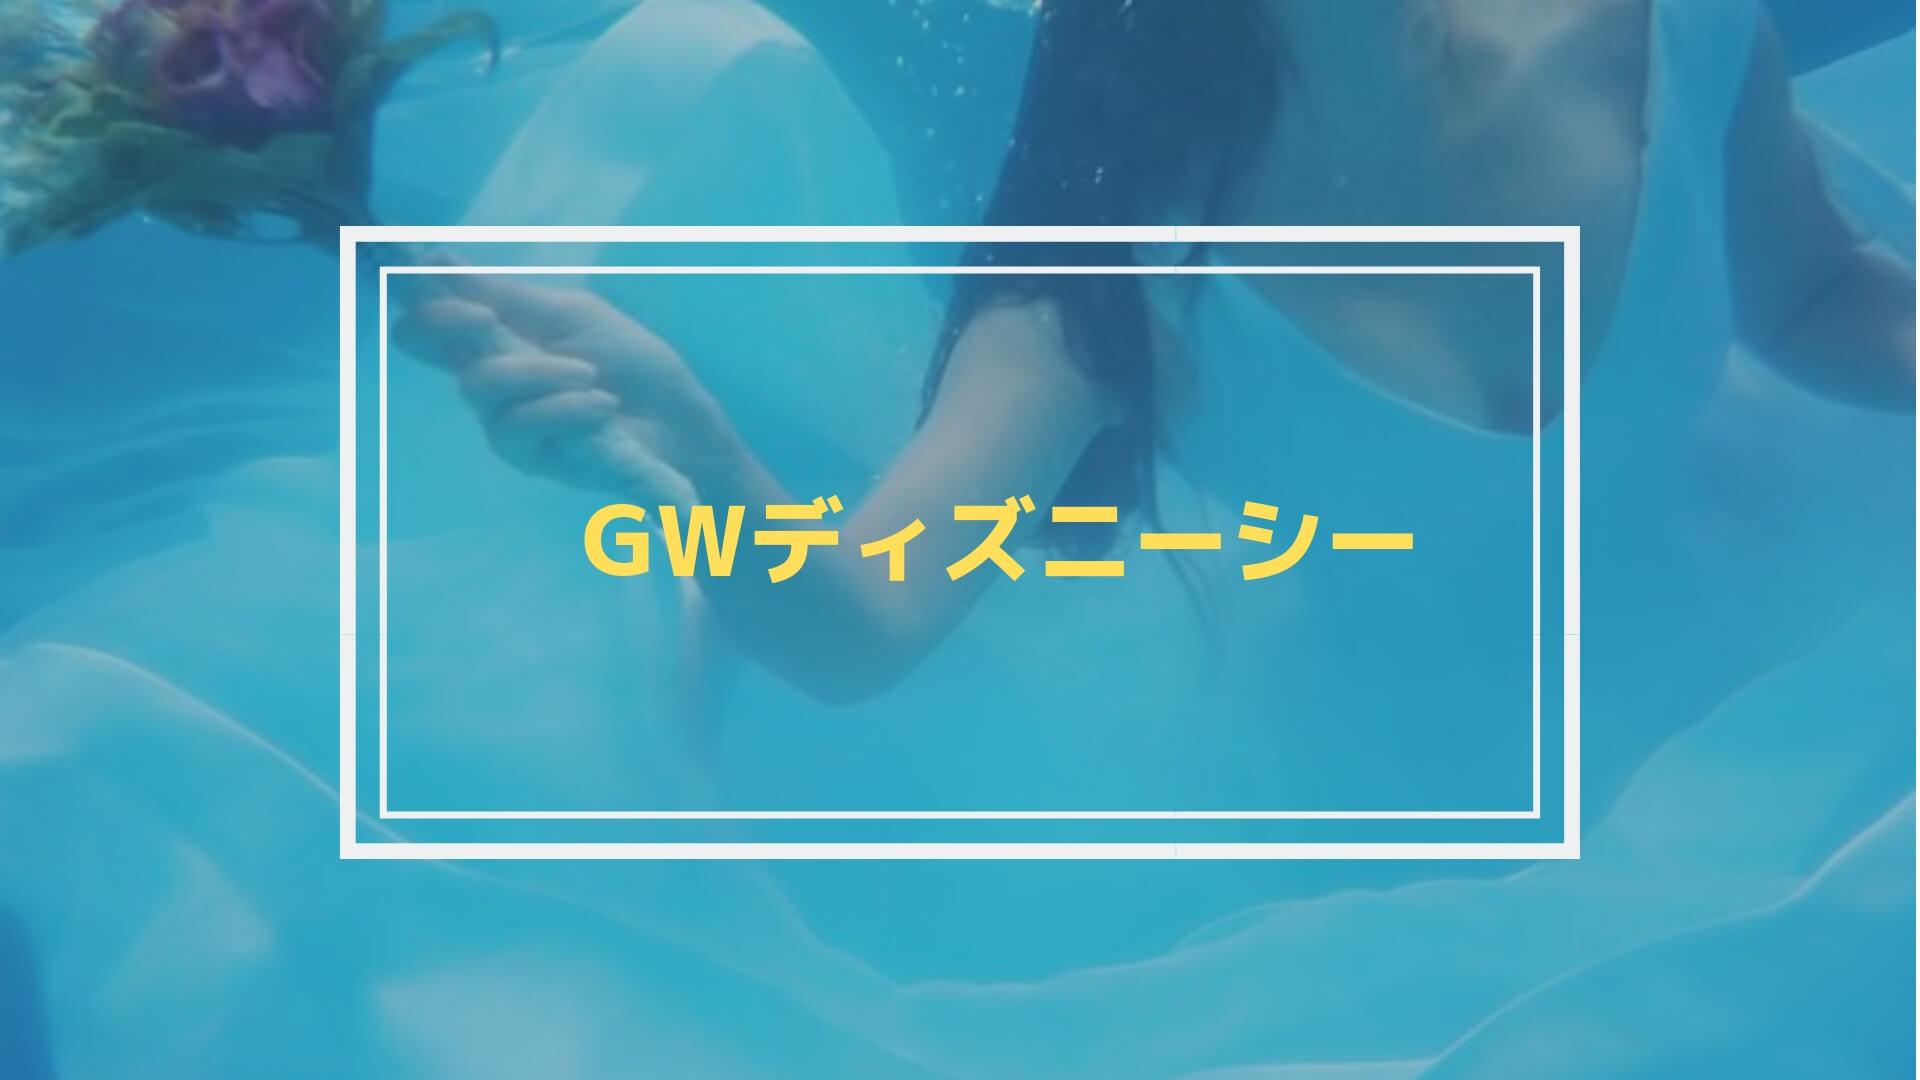 GWディズニーシー